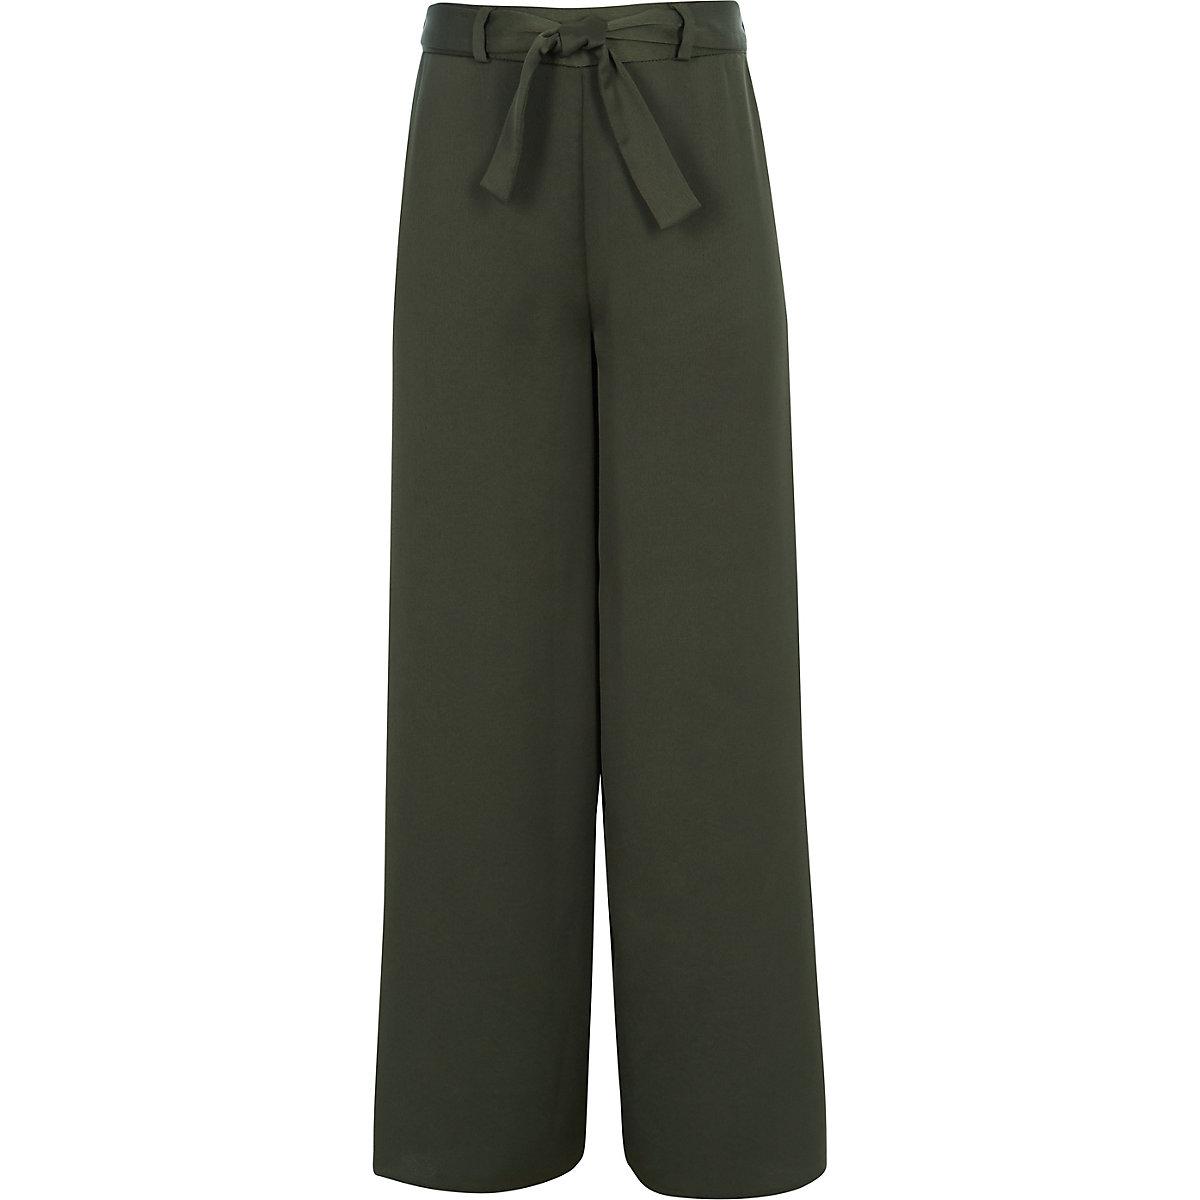 Girls khaki tie waist trousers